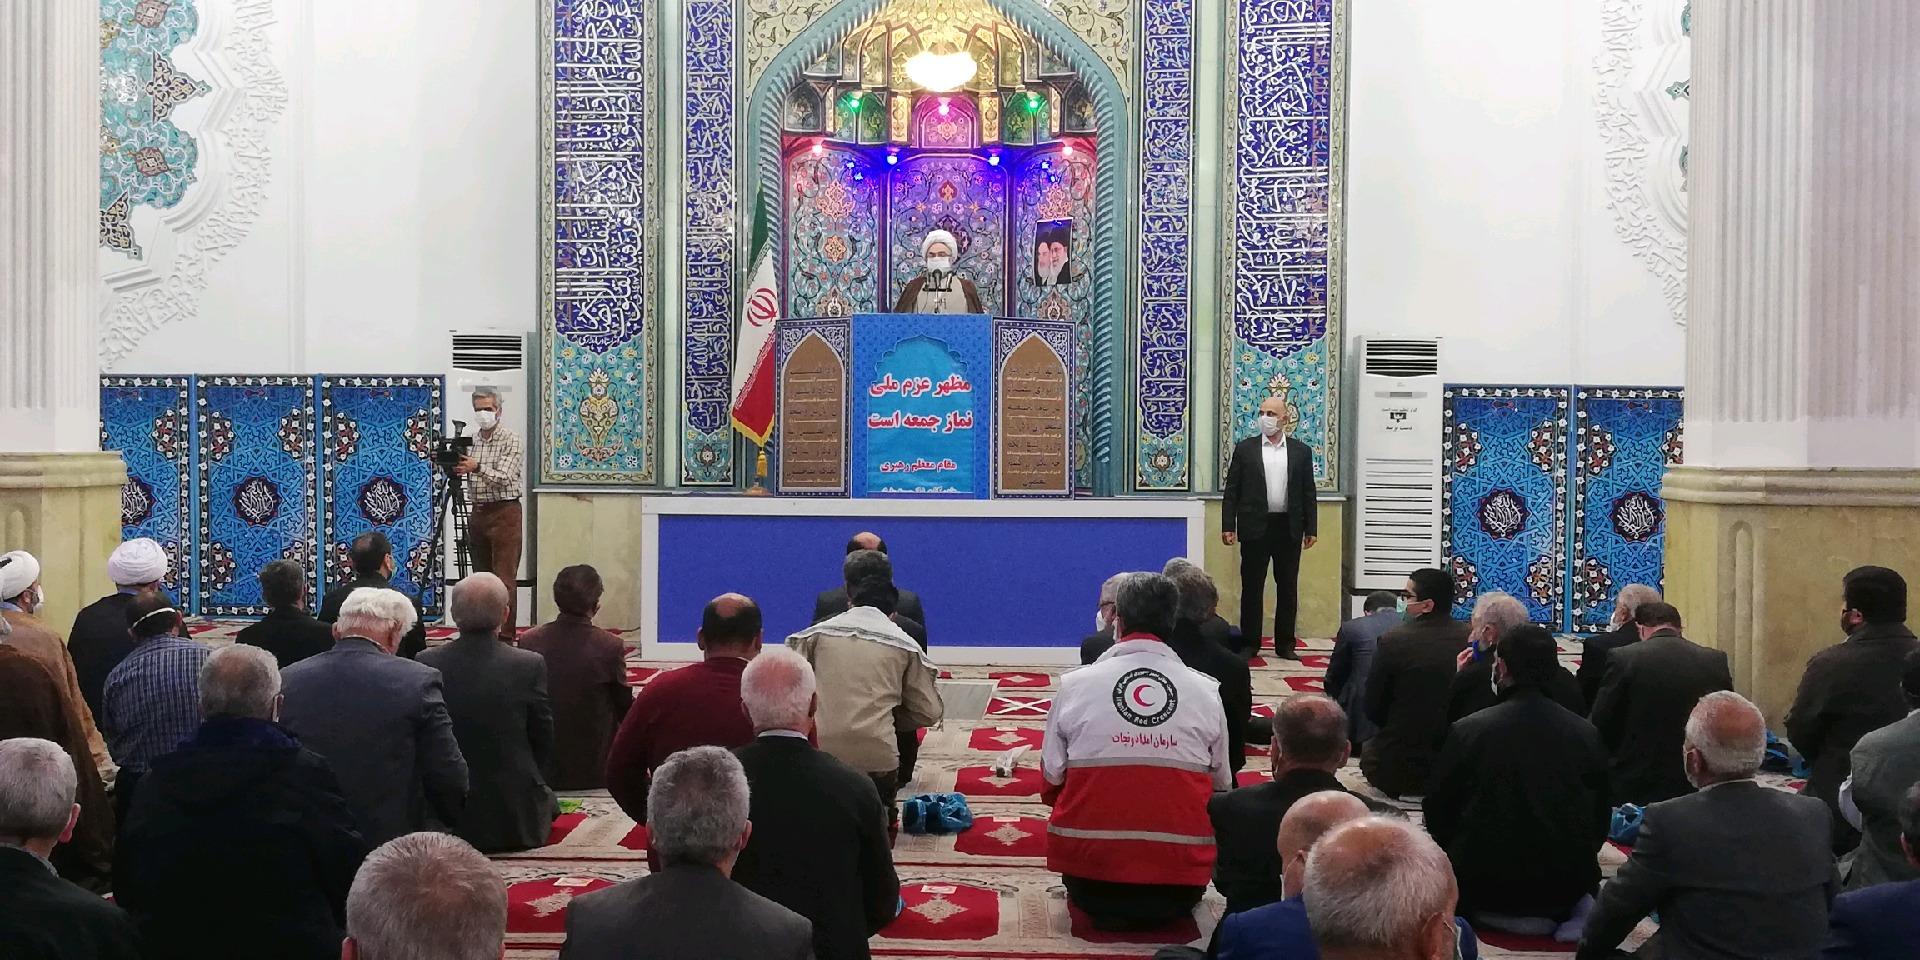 ملت بصیر ایران اسلامی هرگز زیر بار منت ظالم نخواهد رفت